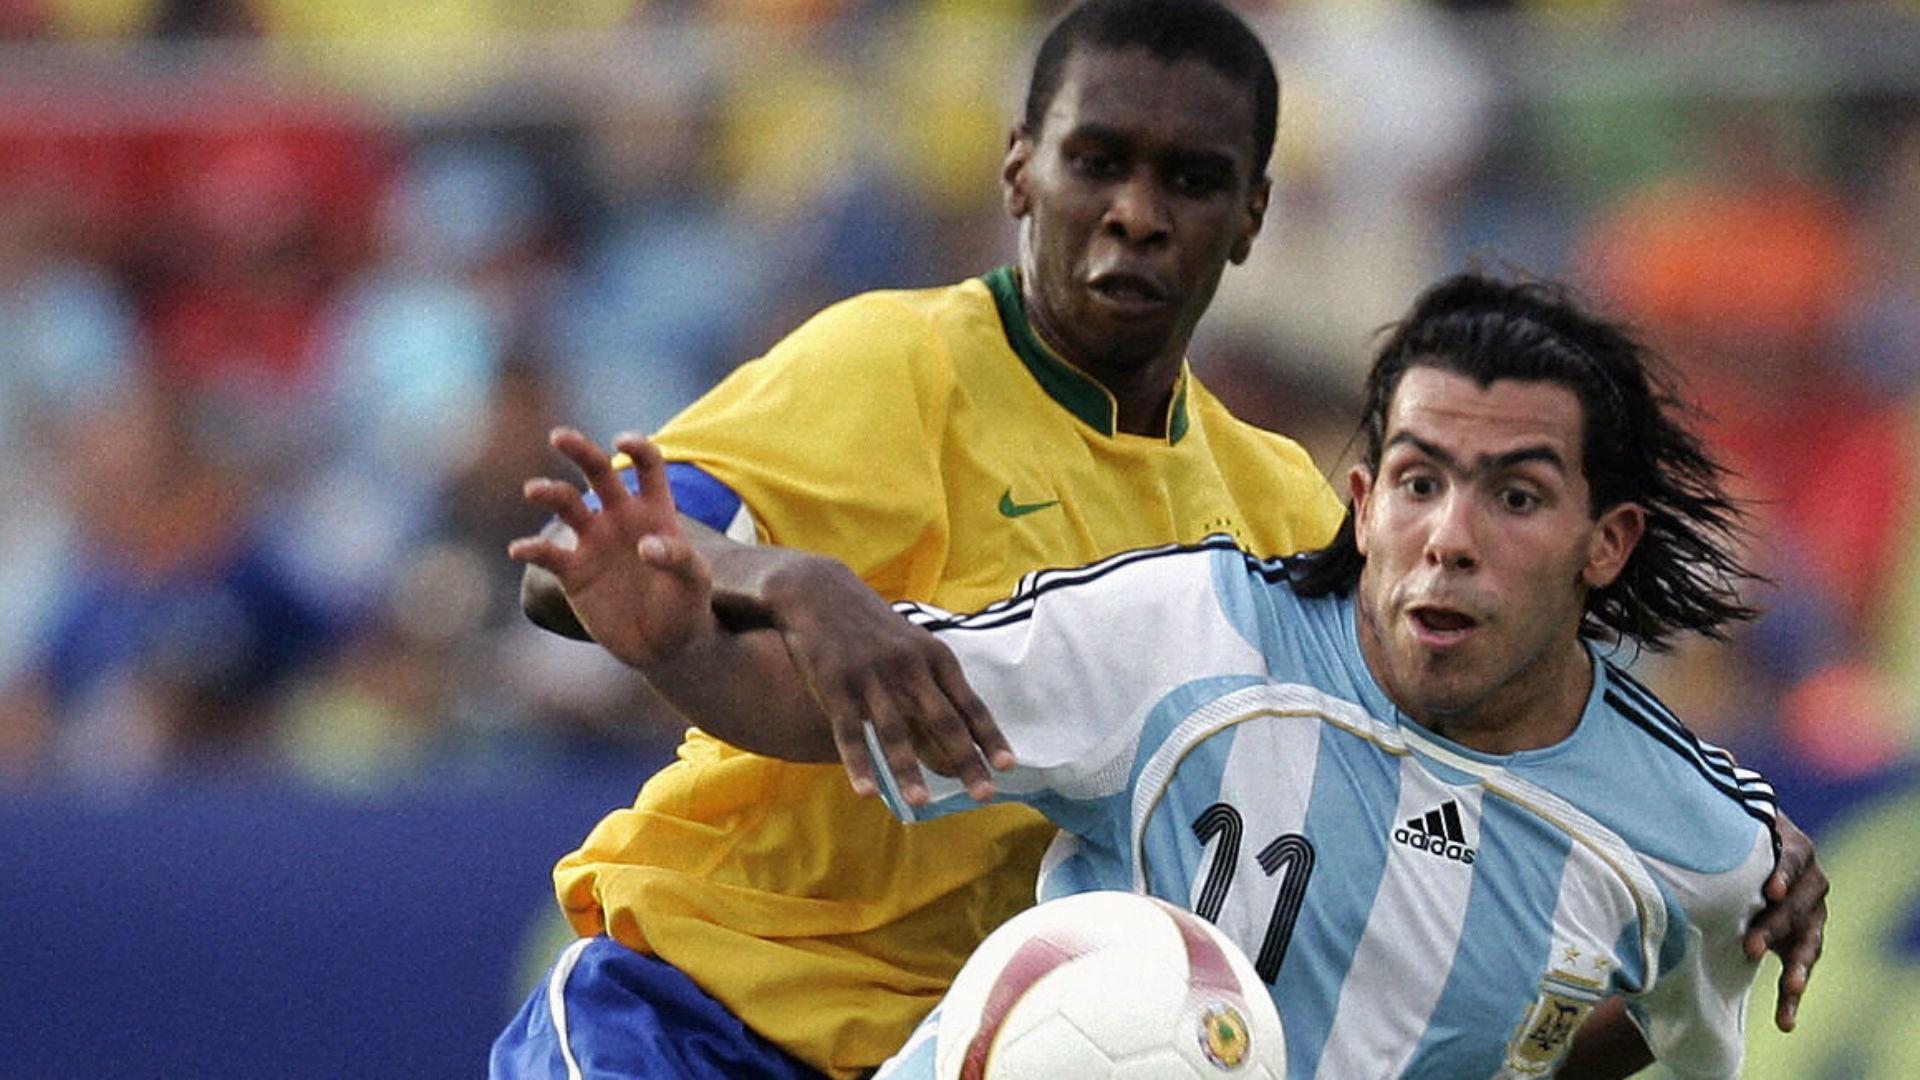 Brasil Argentina Copa America 2007